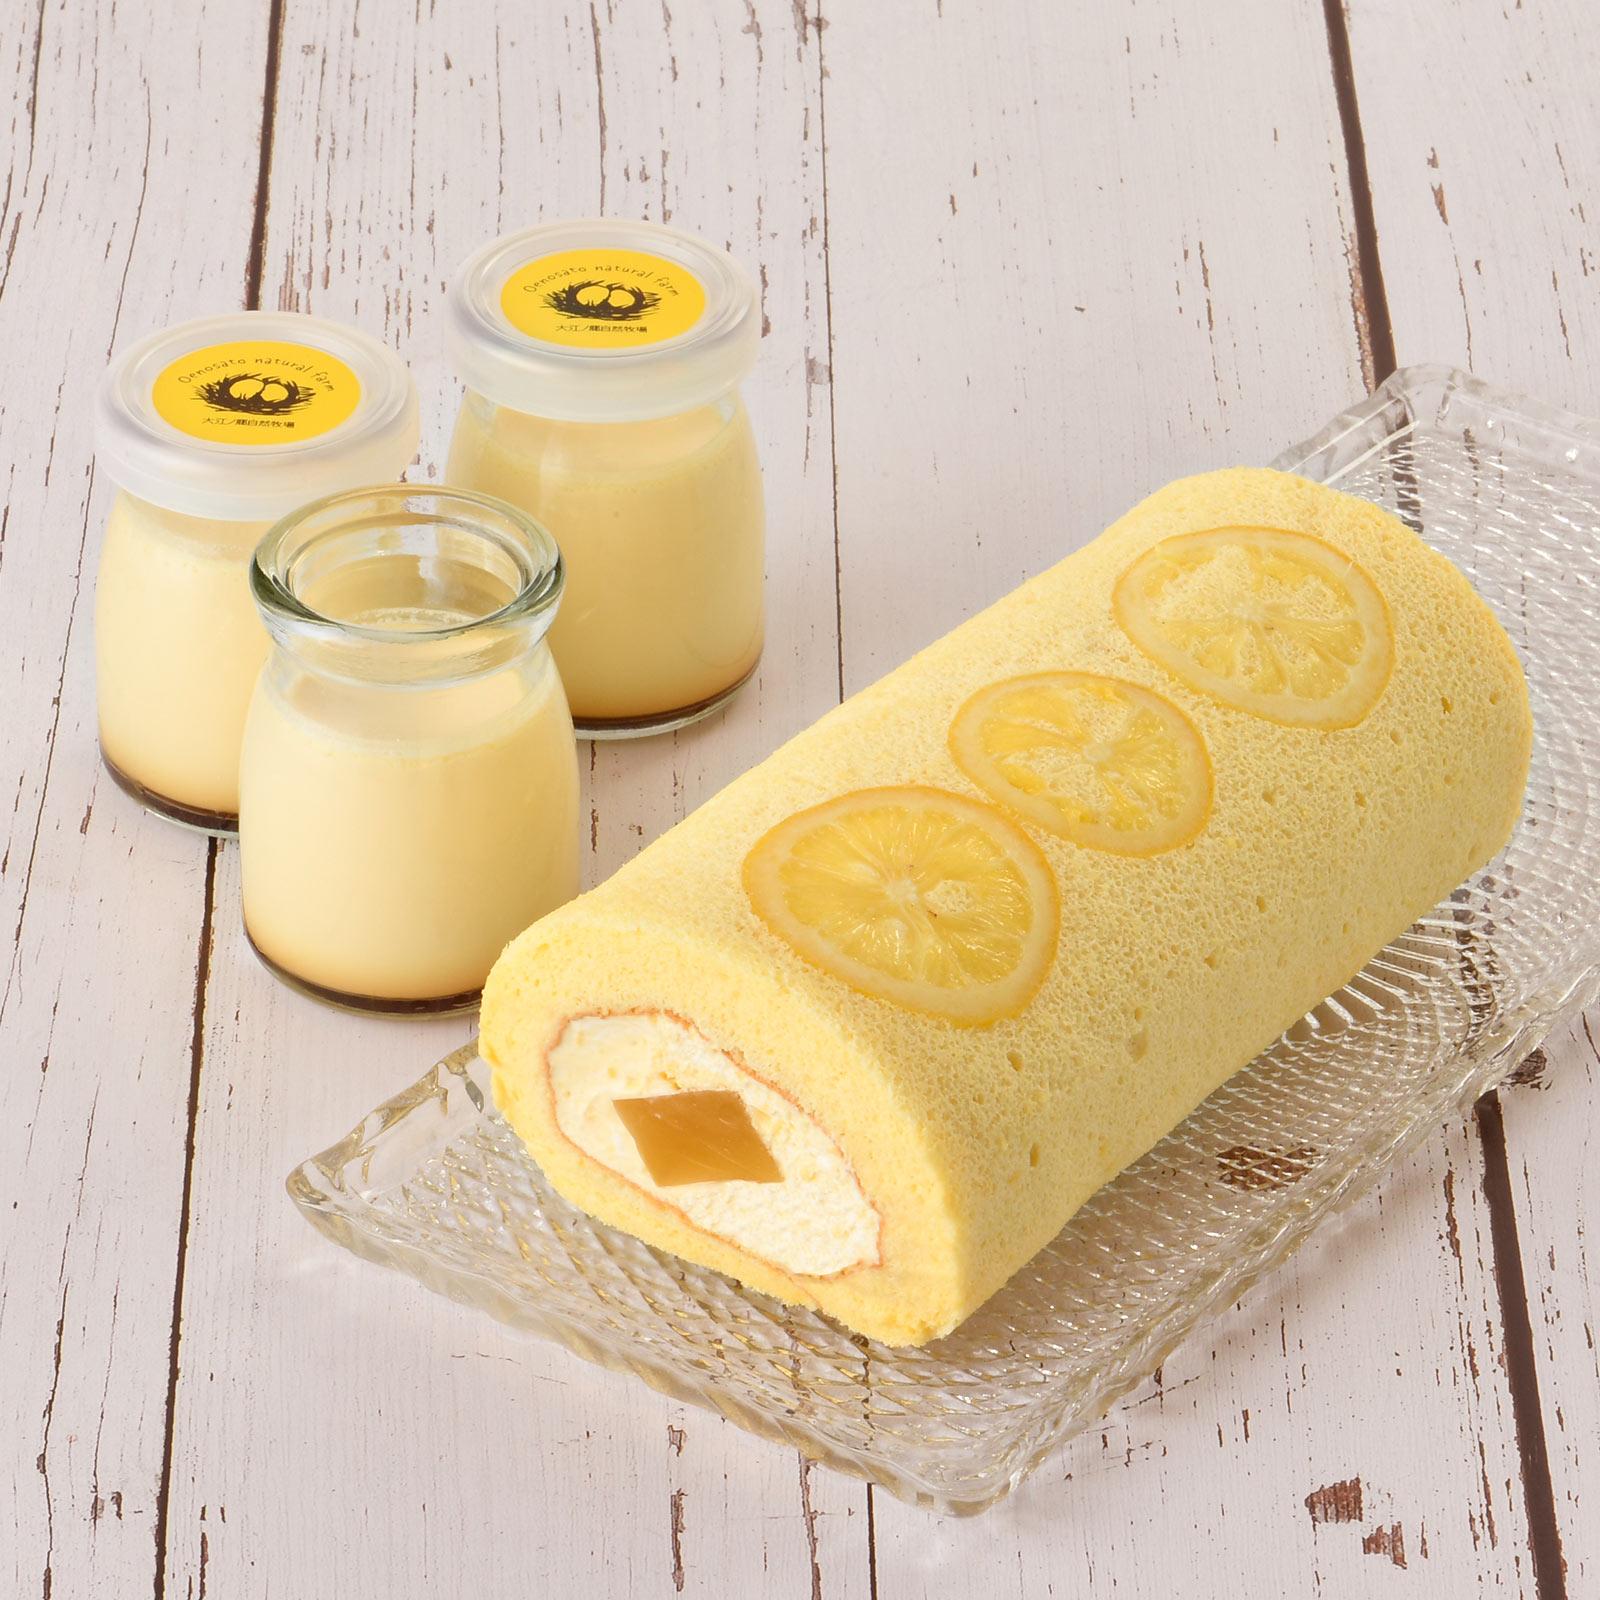 レモンロールとフロマージュぷりんセット